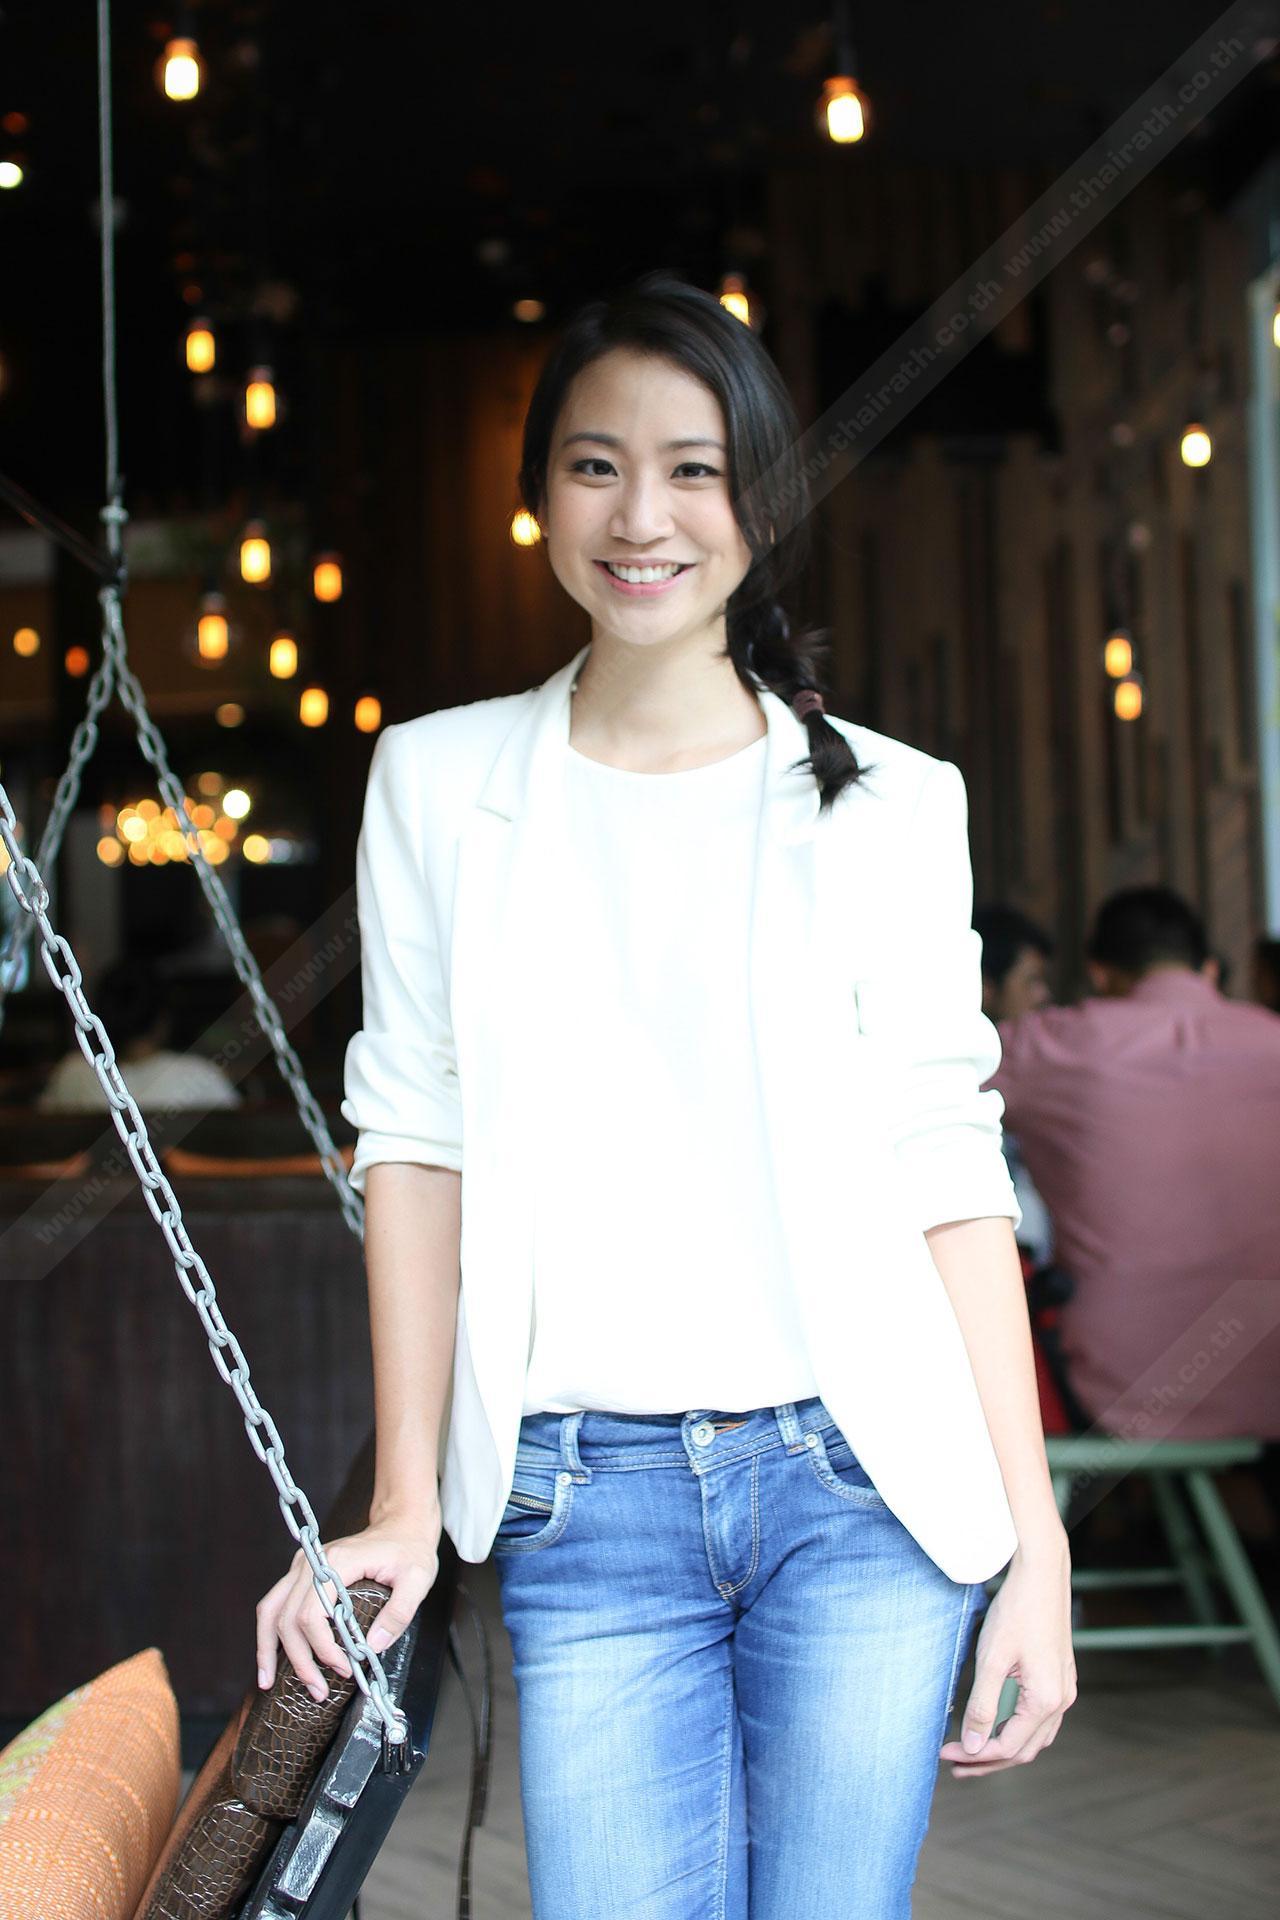 'มิ้นท์-มณฑล กสานติกุล' สาวน้อยหน้าใสที่หลงรักการเดินทาง และการถ่ายรูป